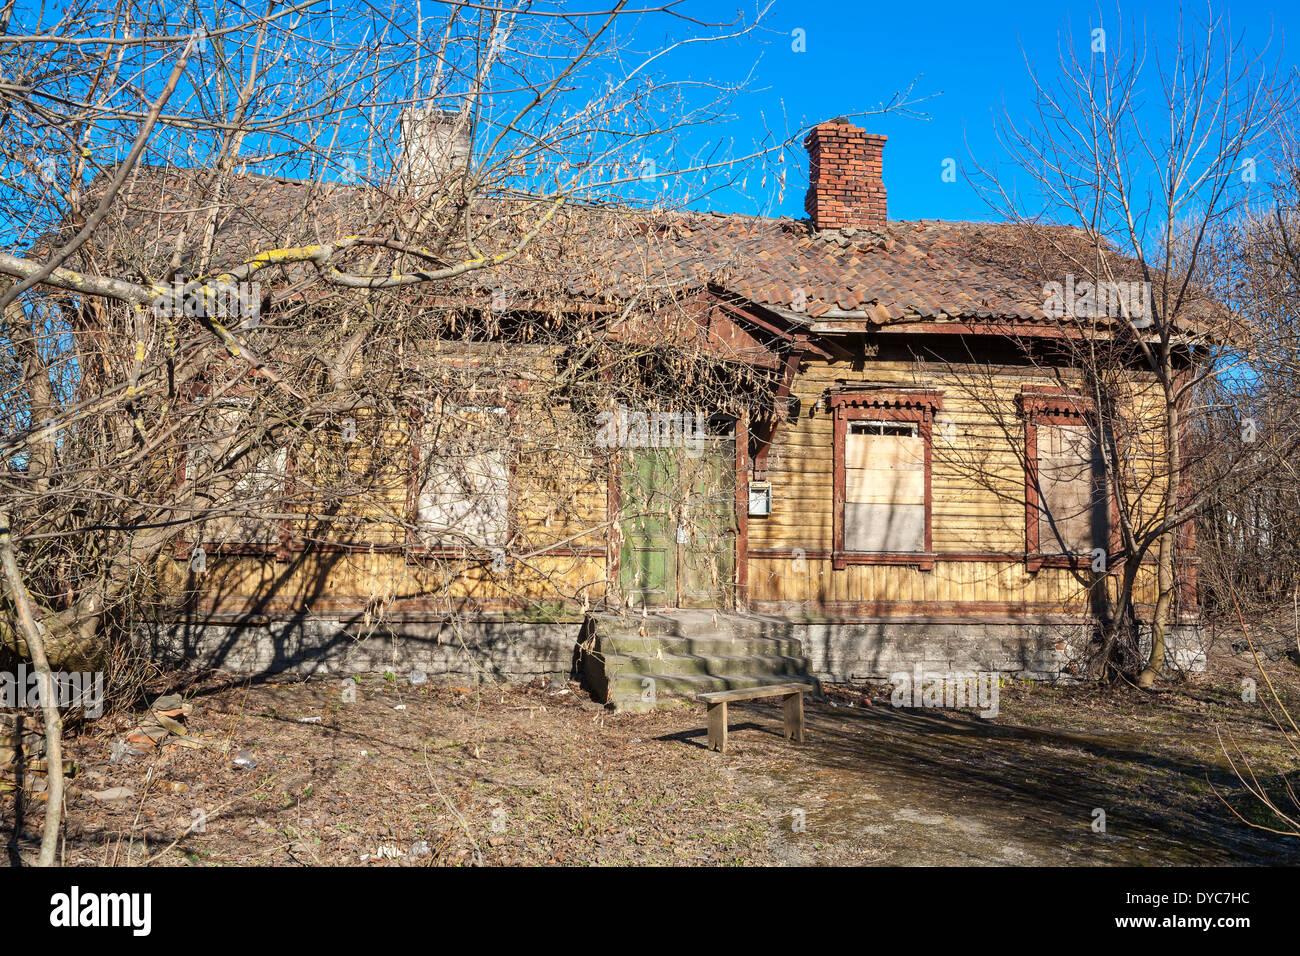 Old abandoned house - Stock Image